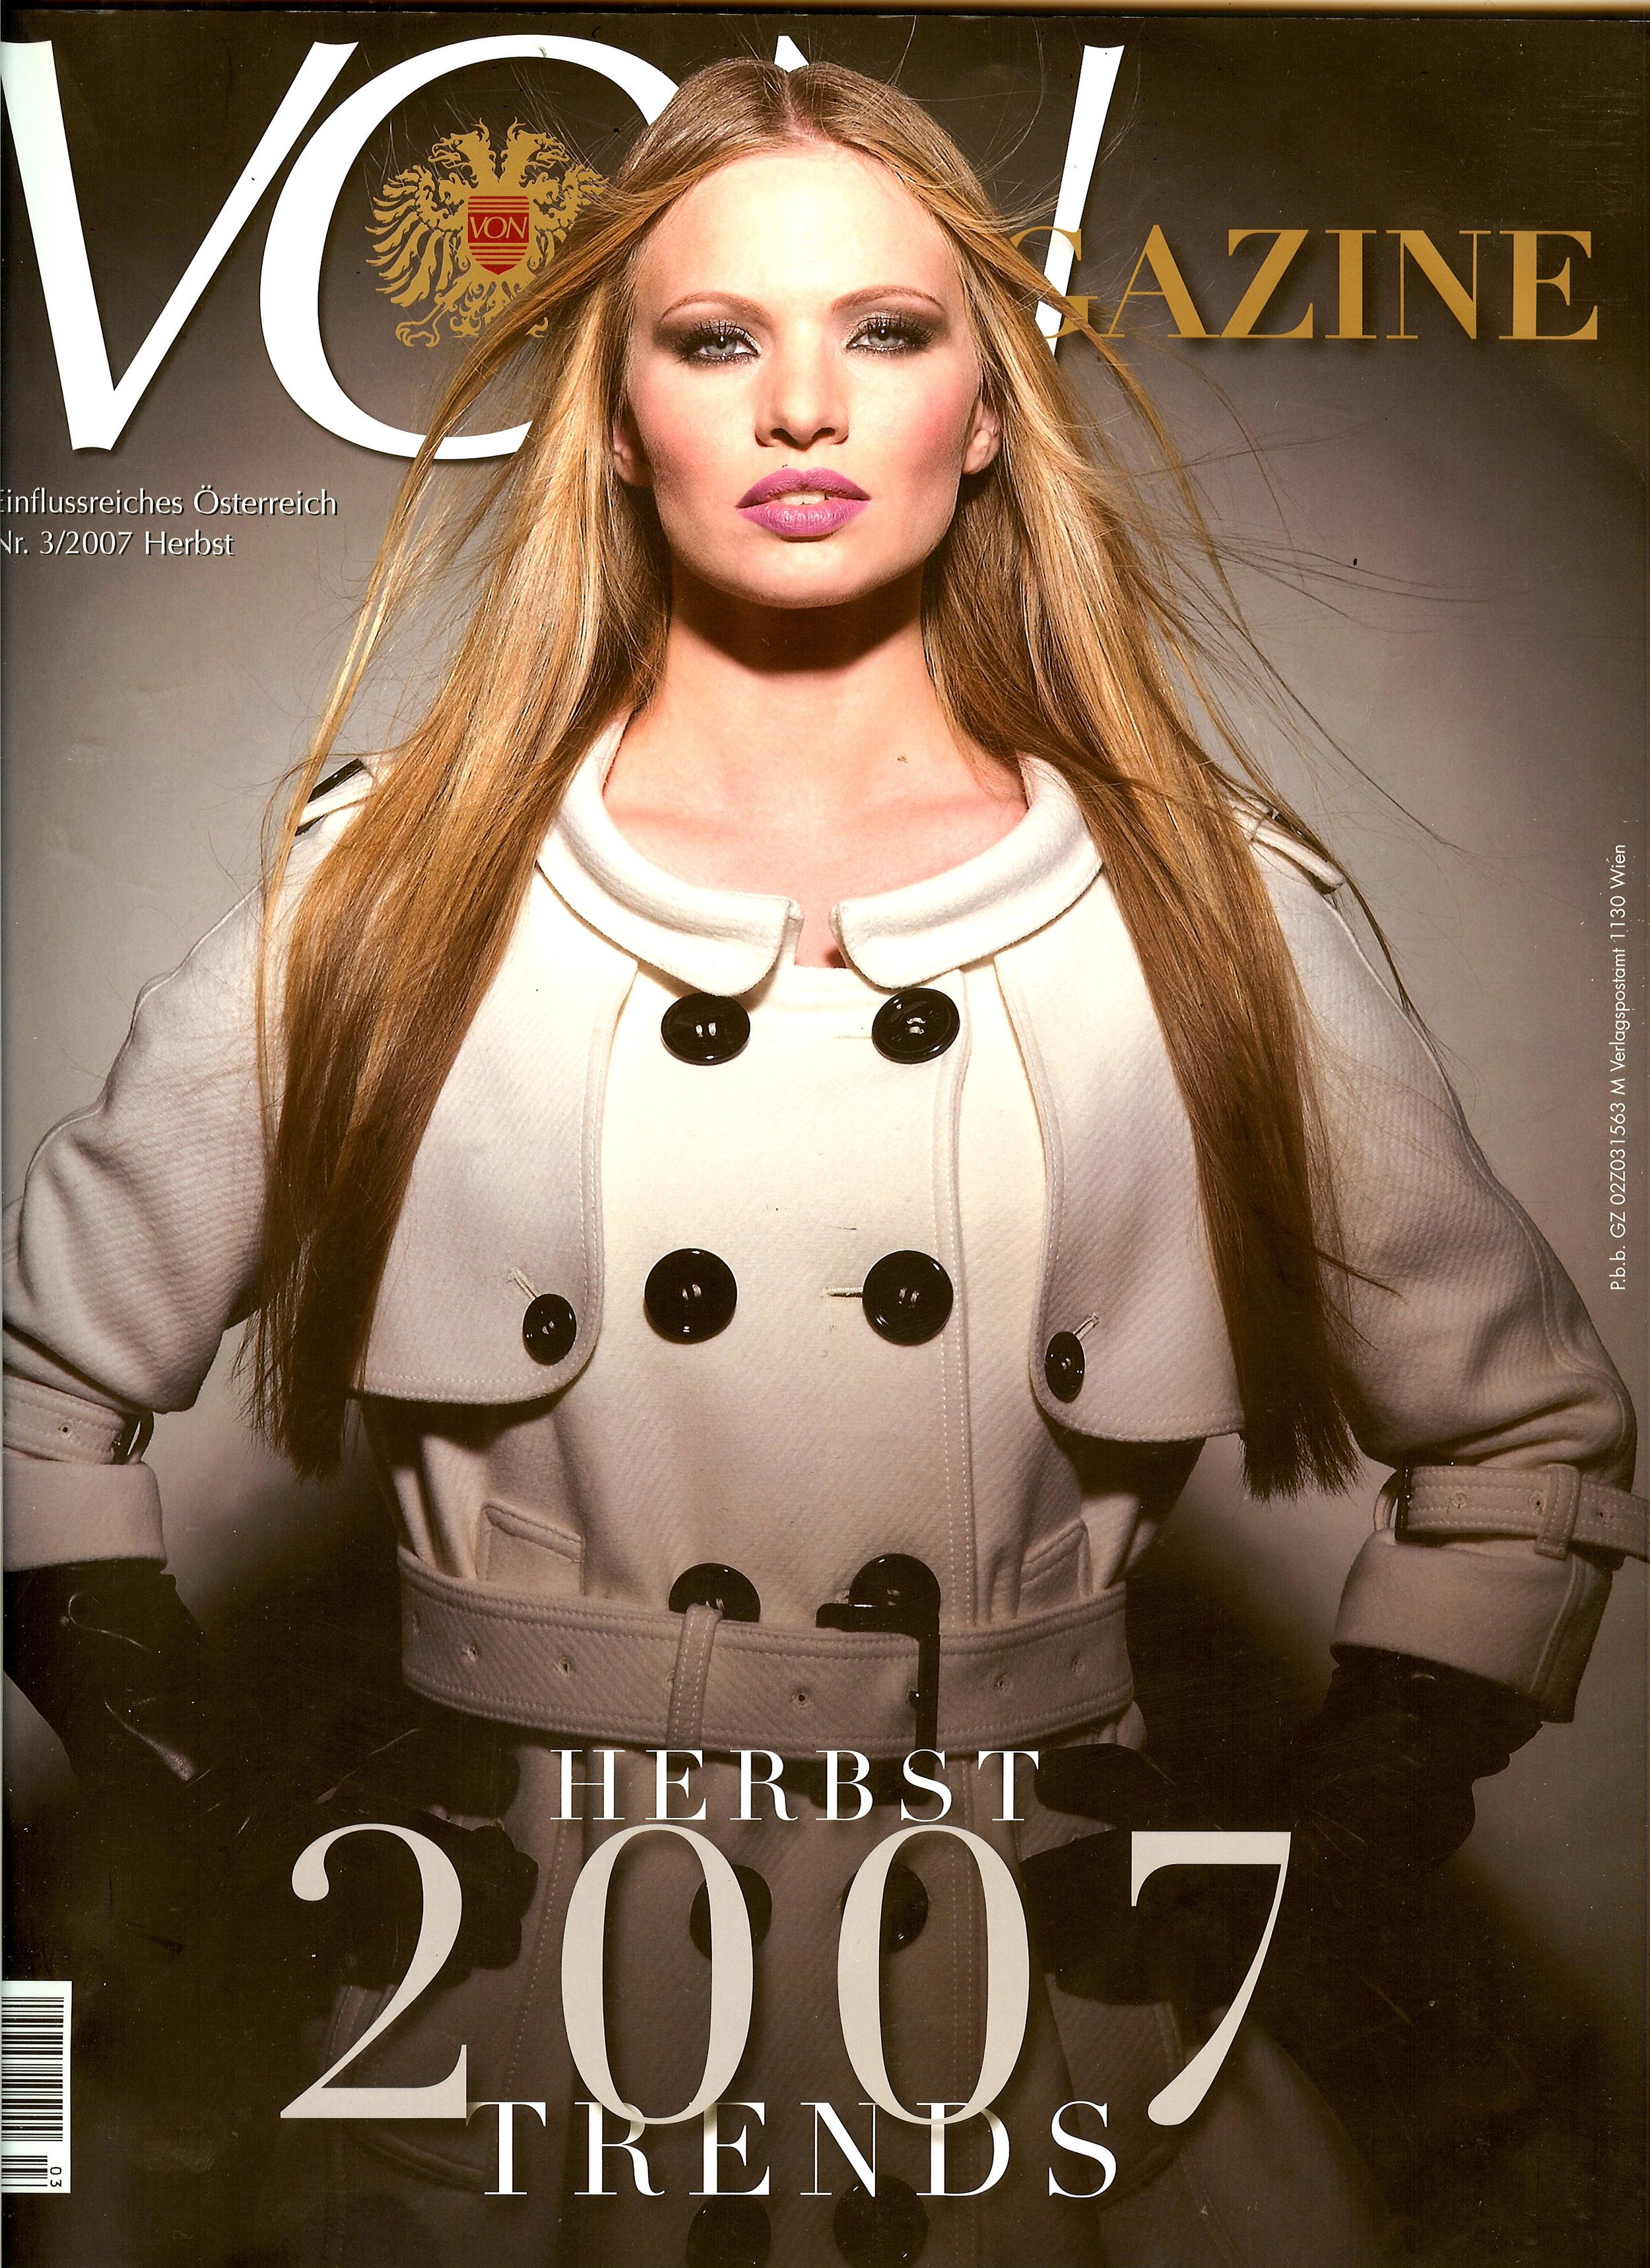 Von magazine-Cover.jpg